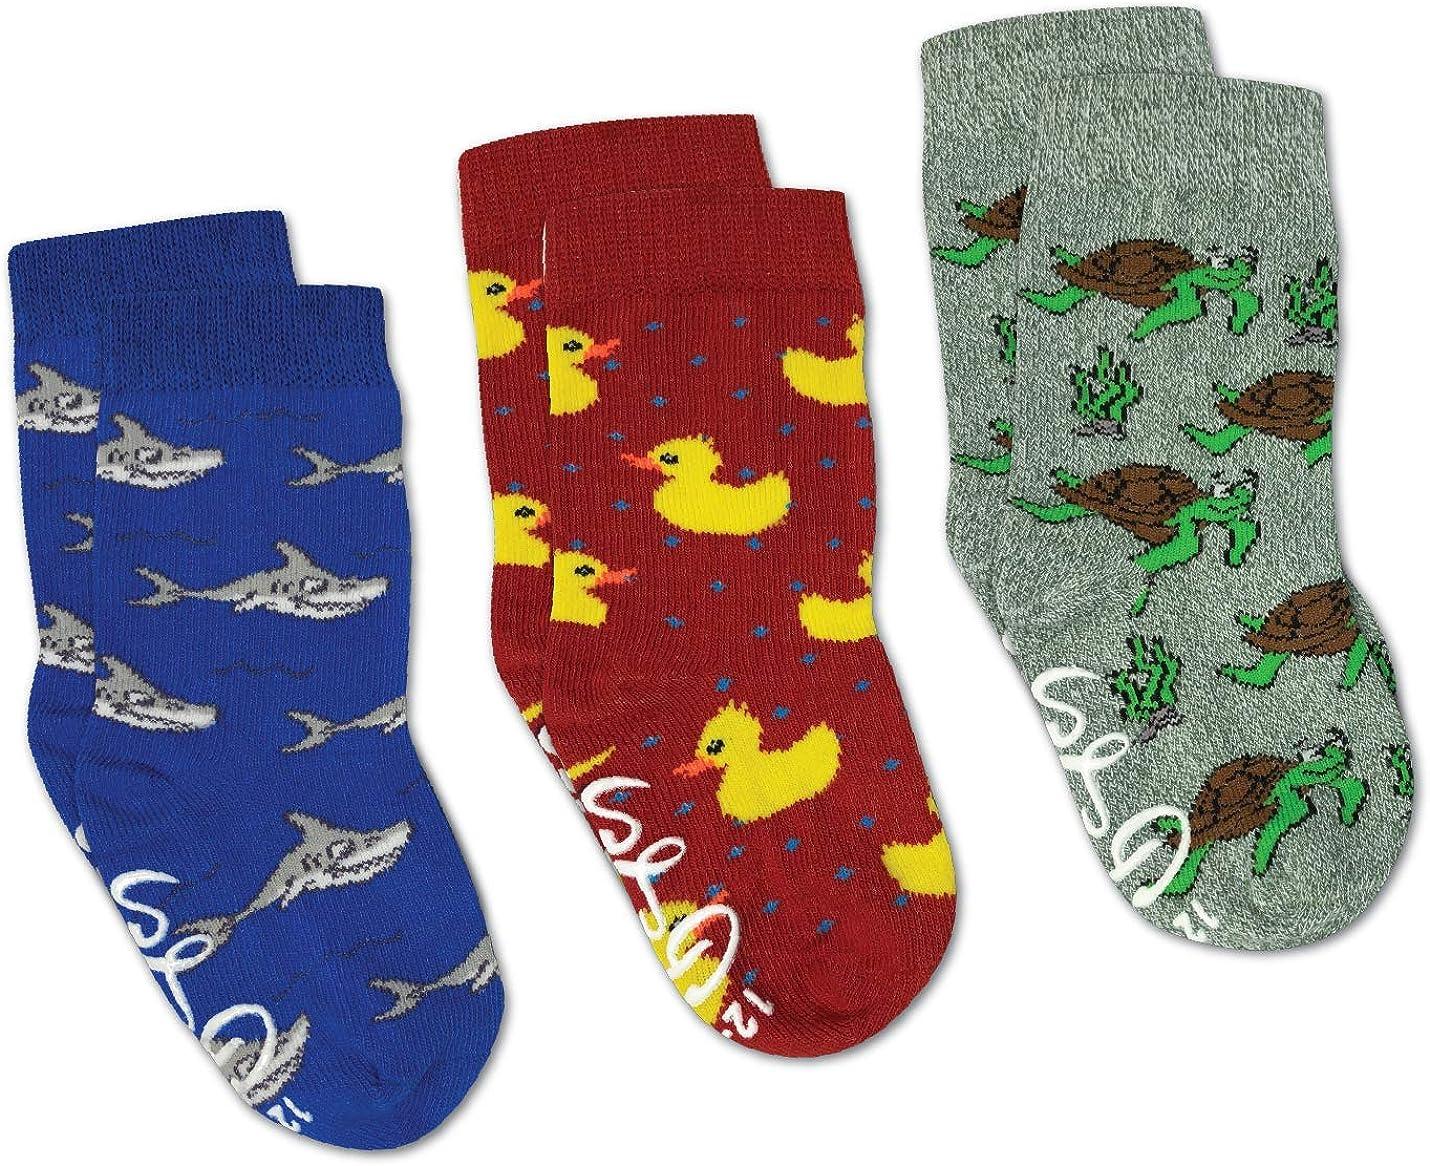 Rubber Ducks, Sharks and Turtles Kids Toddler Socks, 3-Pack